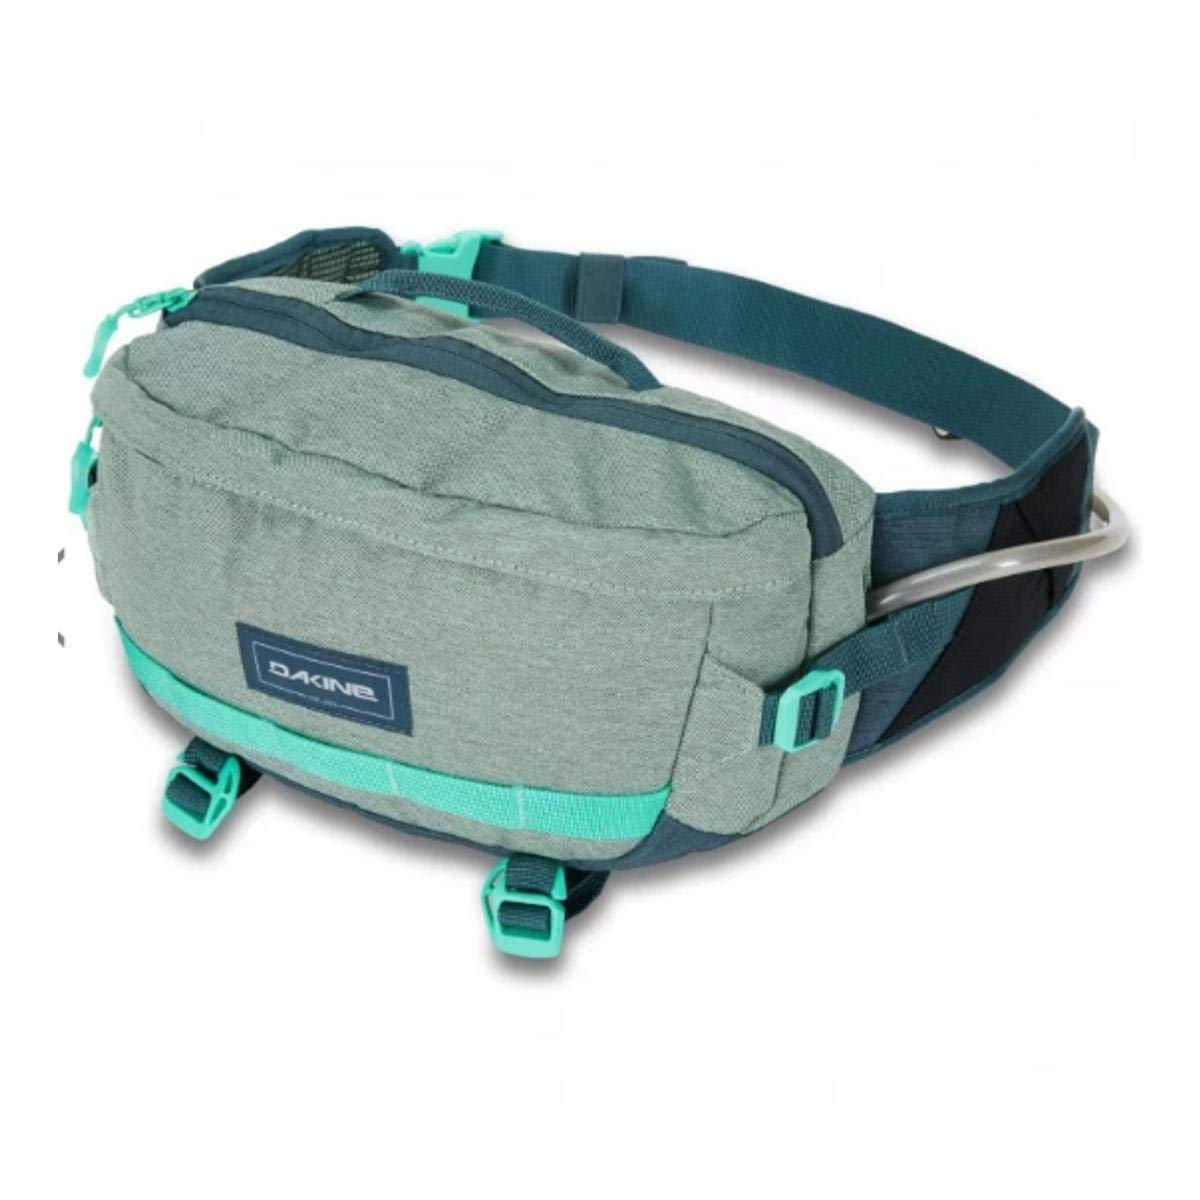 Dakine Hot Laps 5L Hip Pack, Lichen, One Size